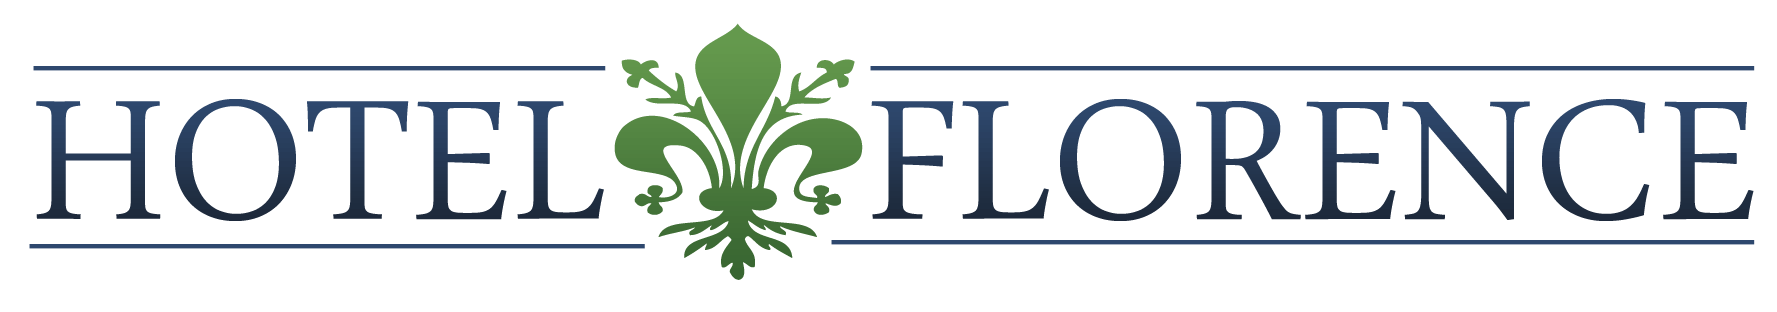 Hotel_Florence_logo